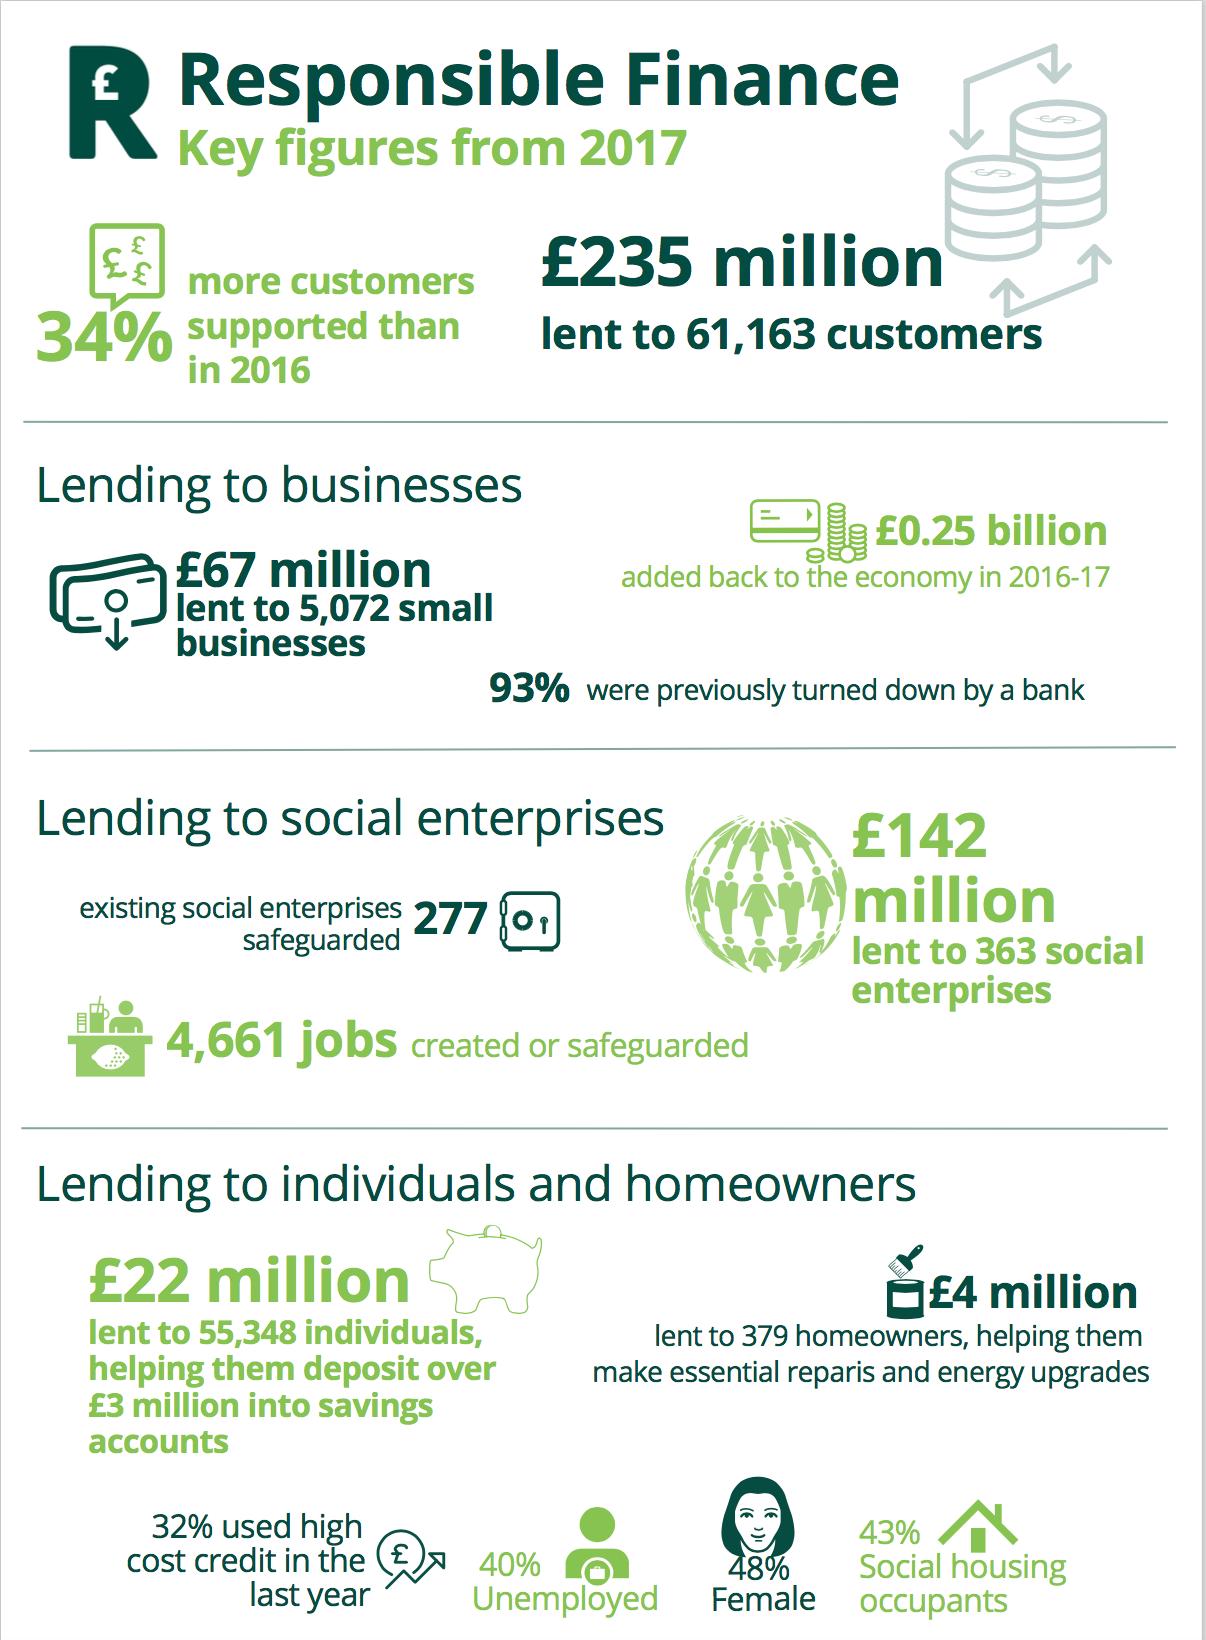 Responsible Finance report figures